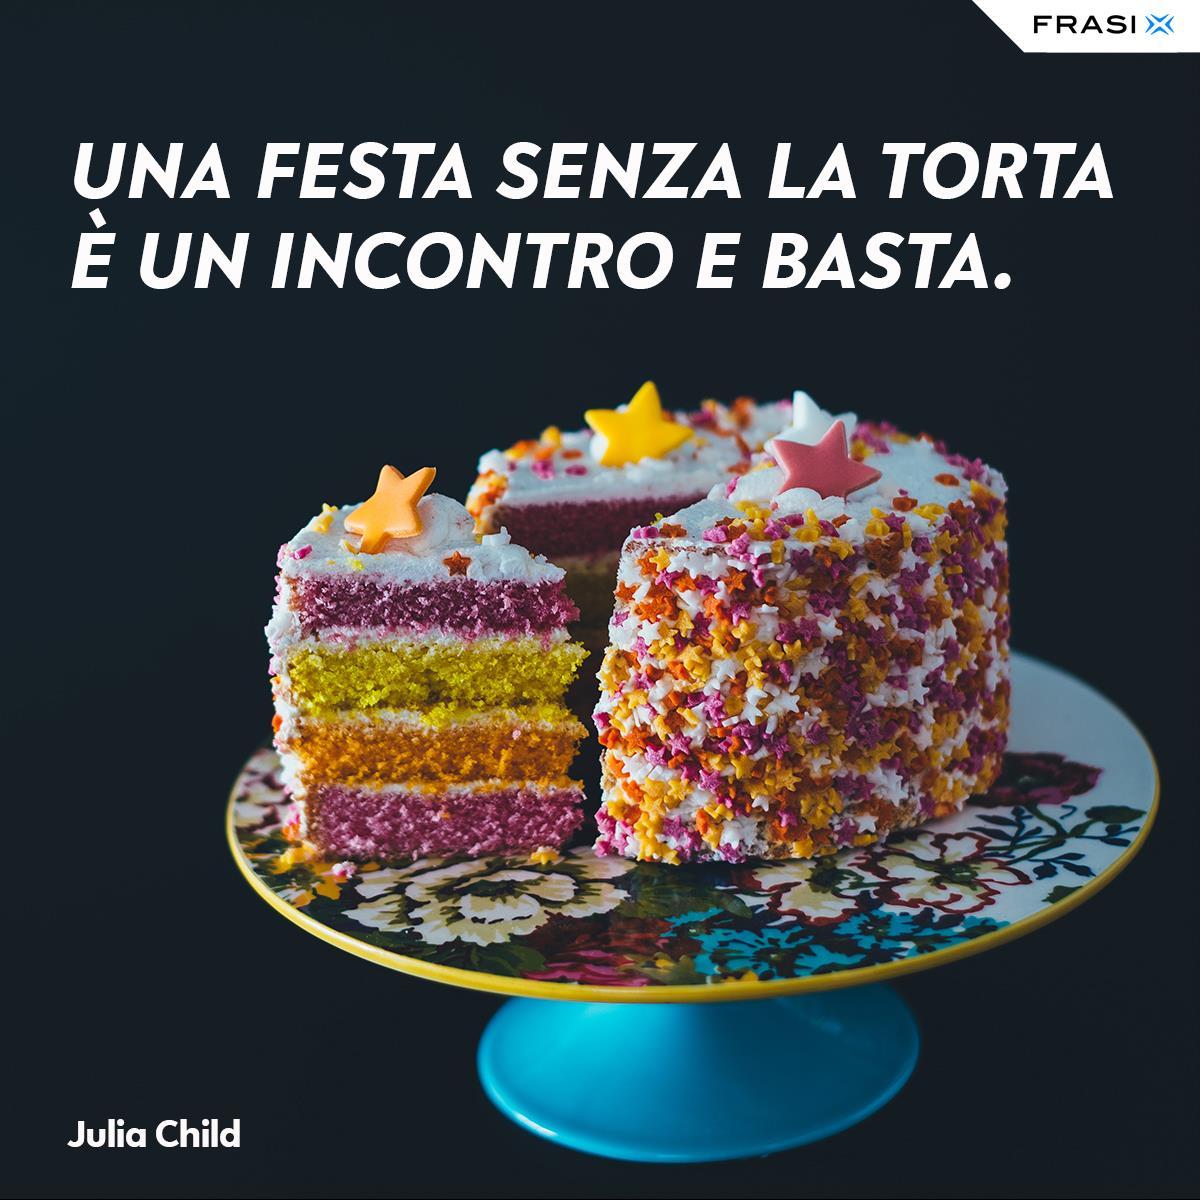 Frasi sulle torte festa Julia Child